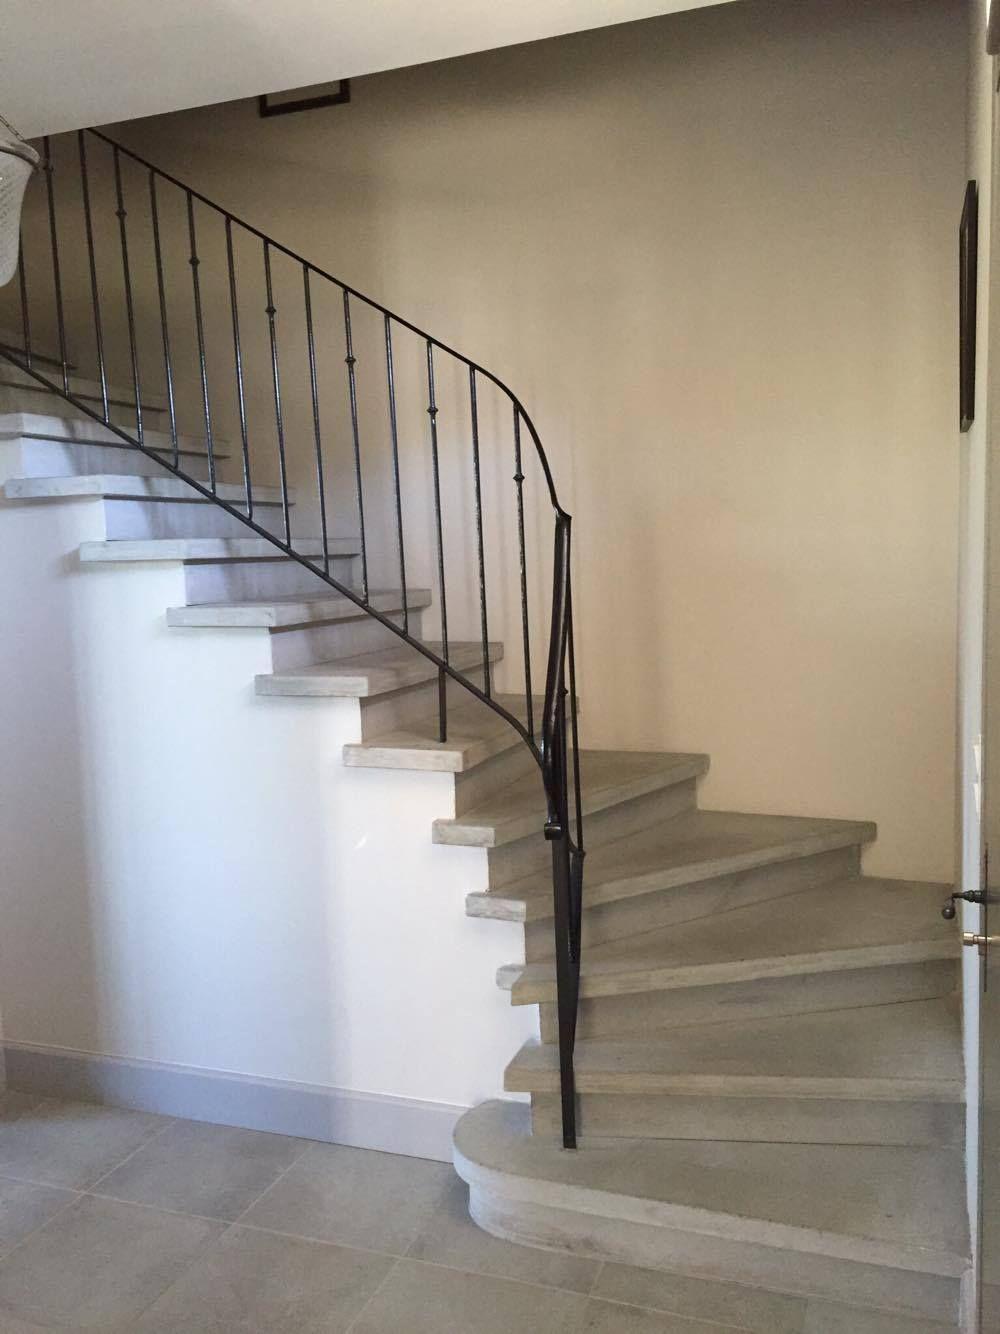 Epingle Par La Maison De L Escalier Sur Escalier Beton Gris Lisse Escalier Beton Escalier Nez De Marche